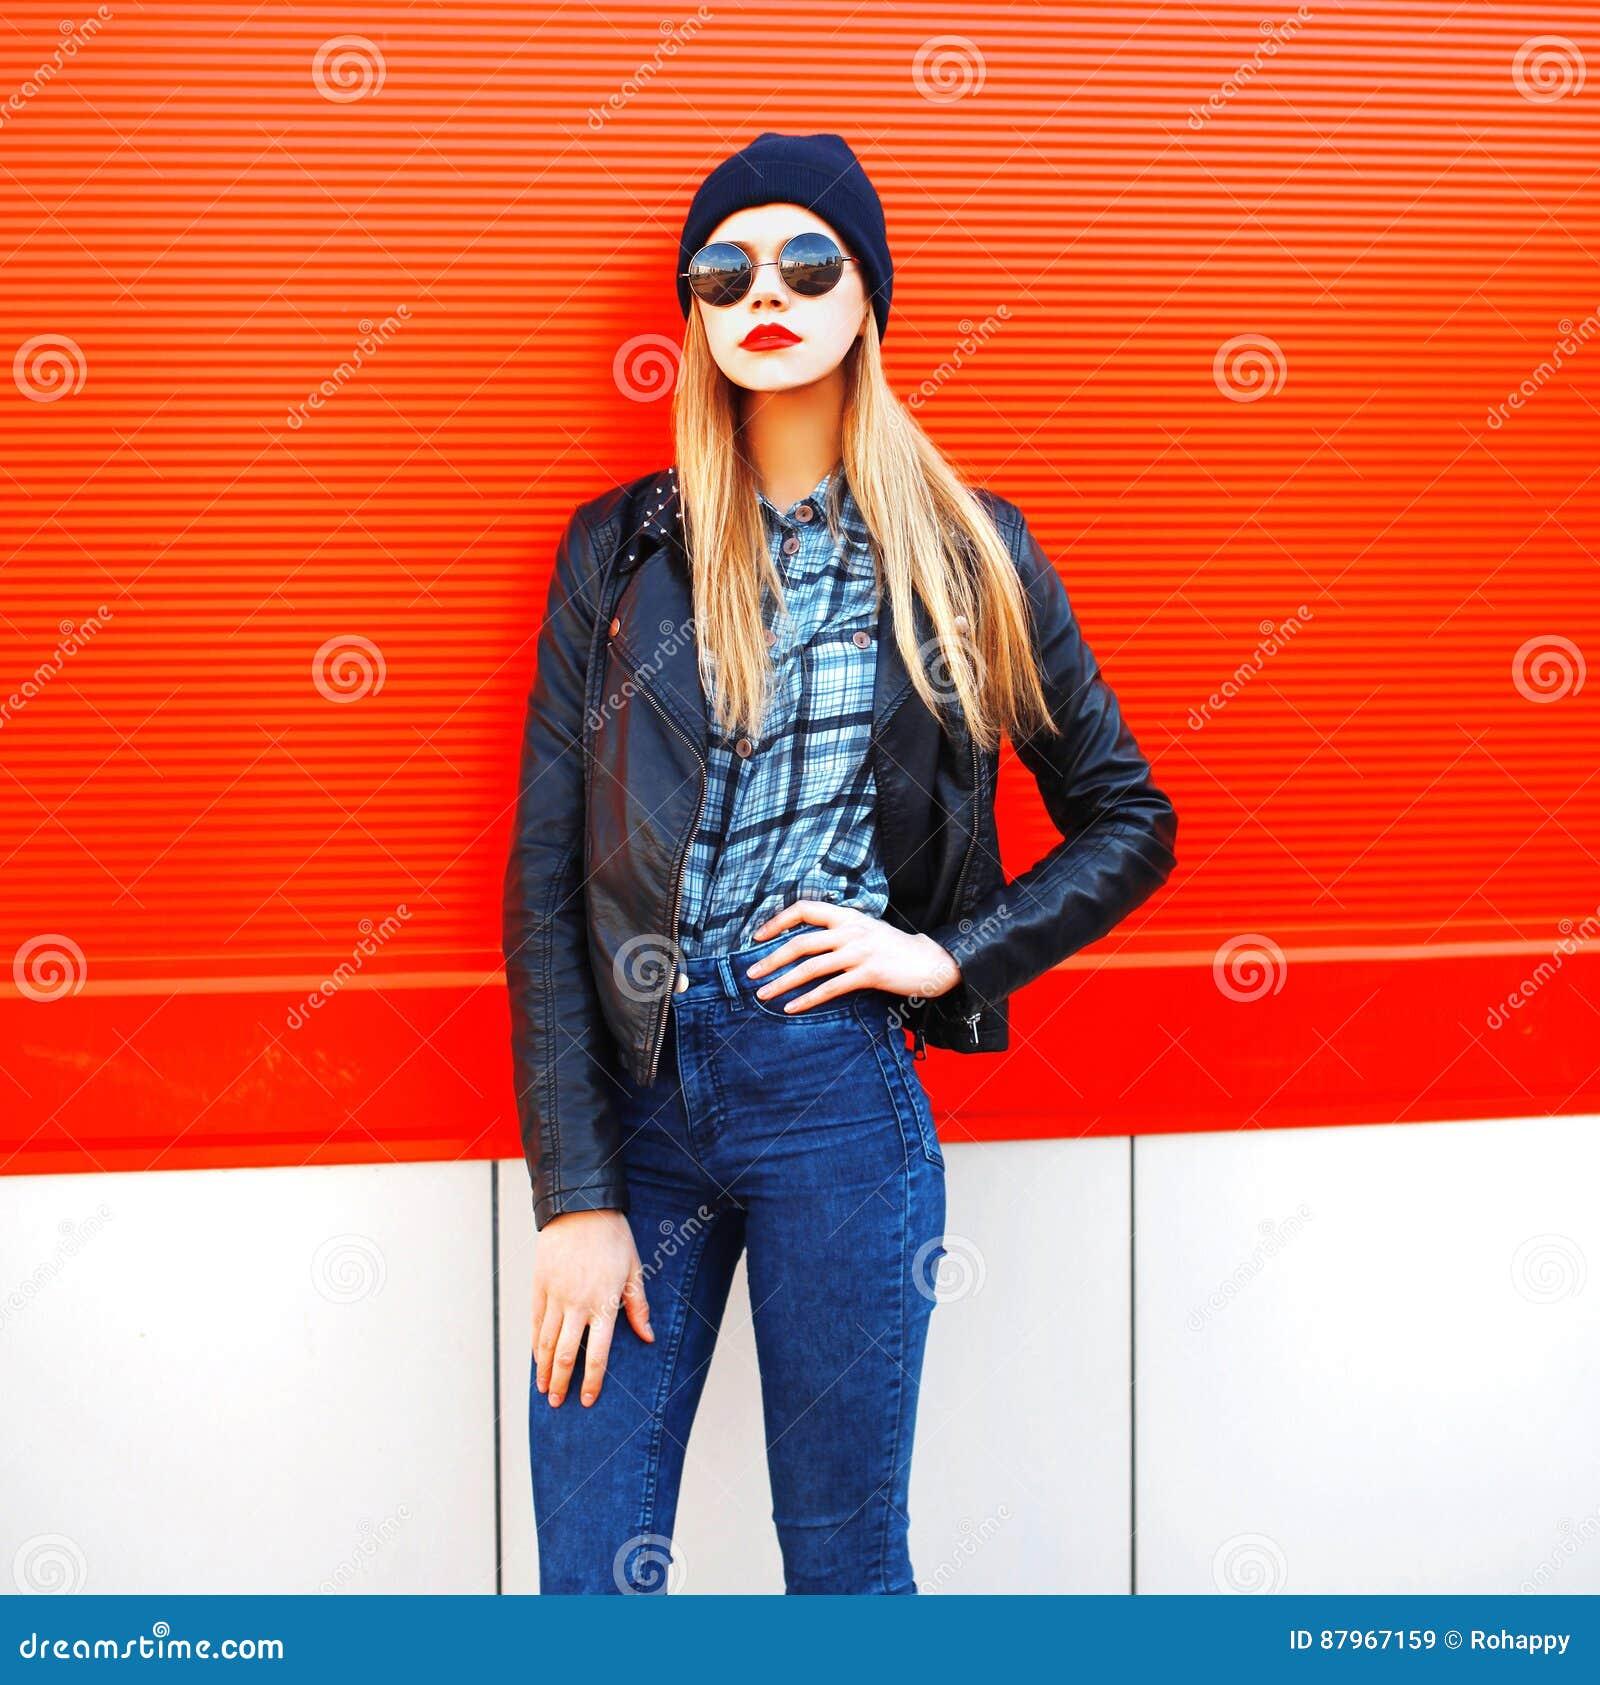 Fasonuje portret blondynki pięknej kobiety w rockowym czerń stylu na czerwonym tle w mieście